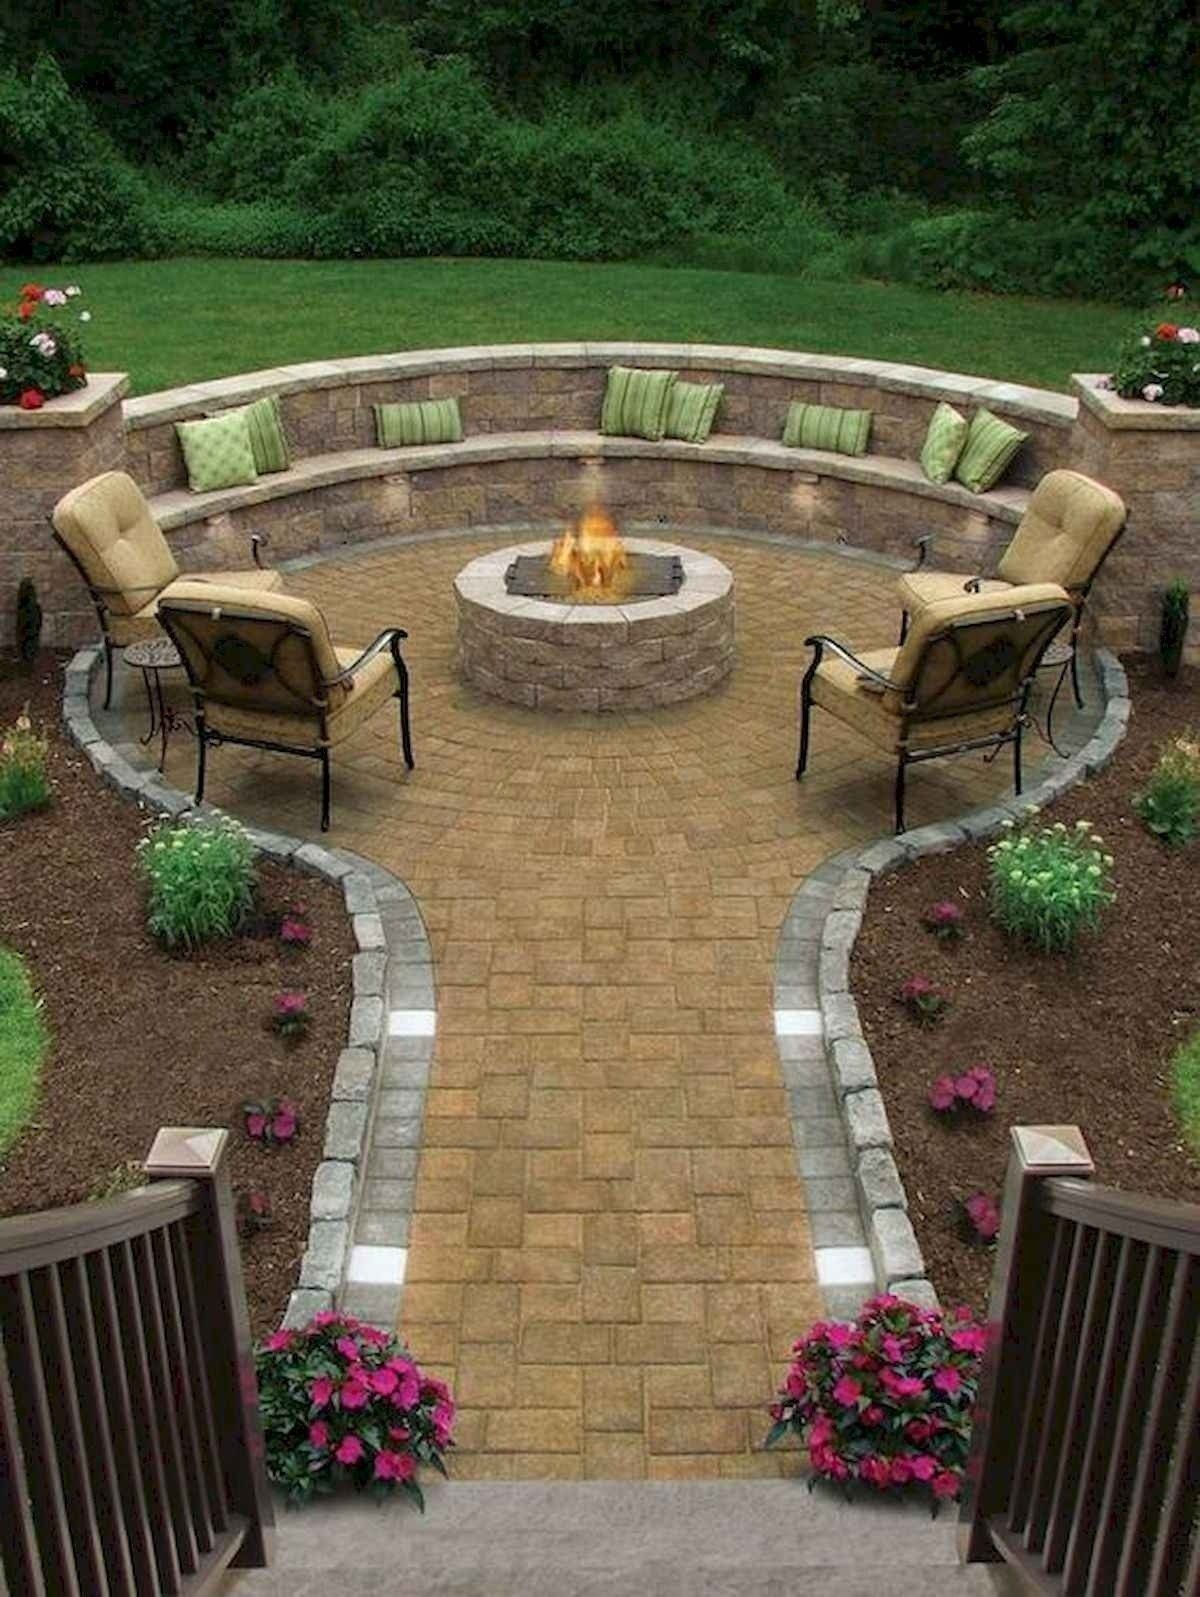 60 Creative Backyard Fire Pit Ideas Backyard Garden Design Backyard Patio Designs Backyard Fire